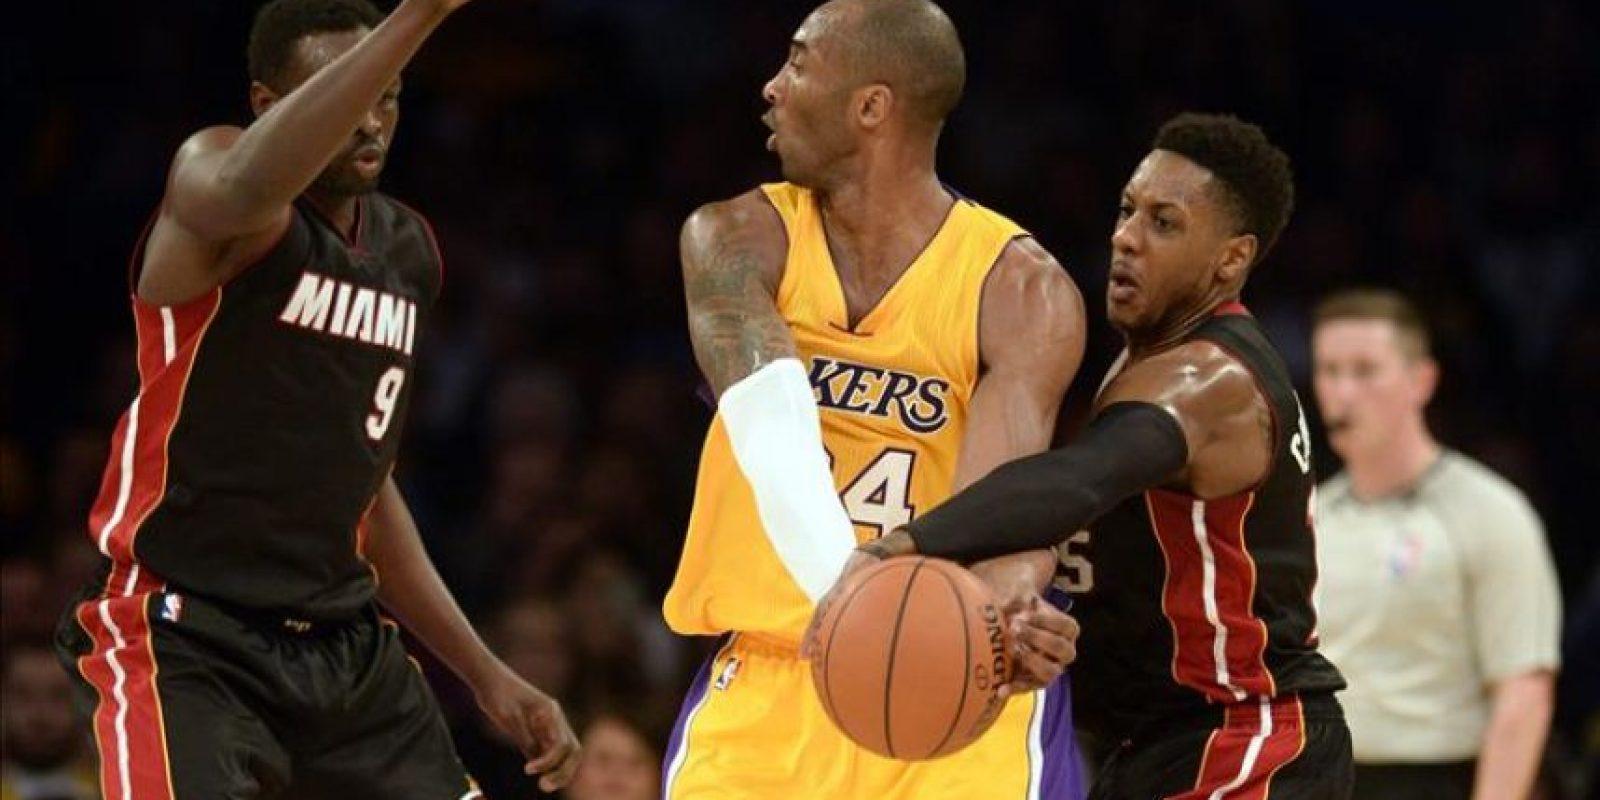 Mario Chalmers (d) y Luol Deng (i) de Heat ante Kobe Bryant (c) de Lakers este martes 13 de enero de 2015, durante un juego de la NBA en el Staples Center de Los Ángeles, California (EE.UU.). EFE